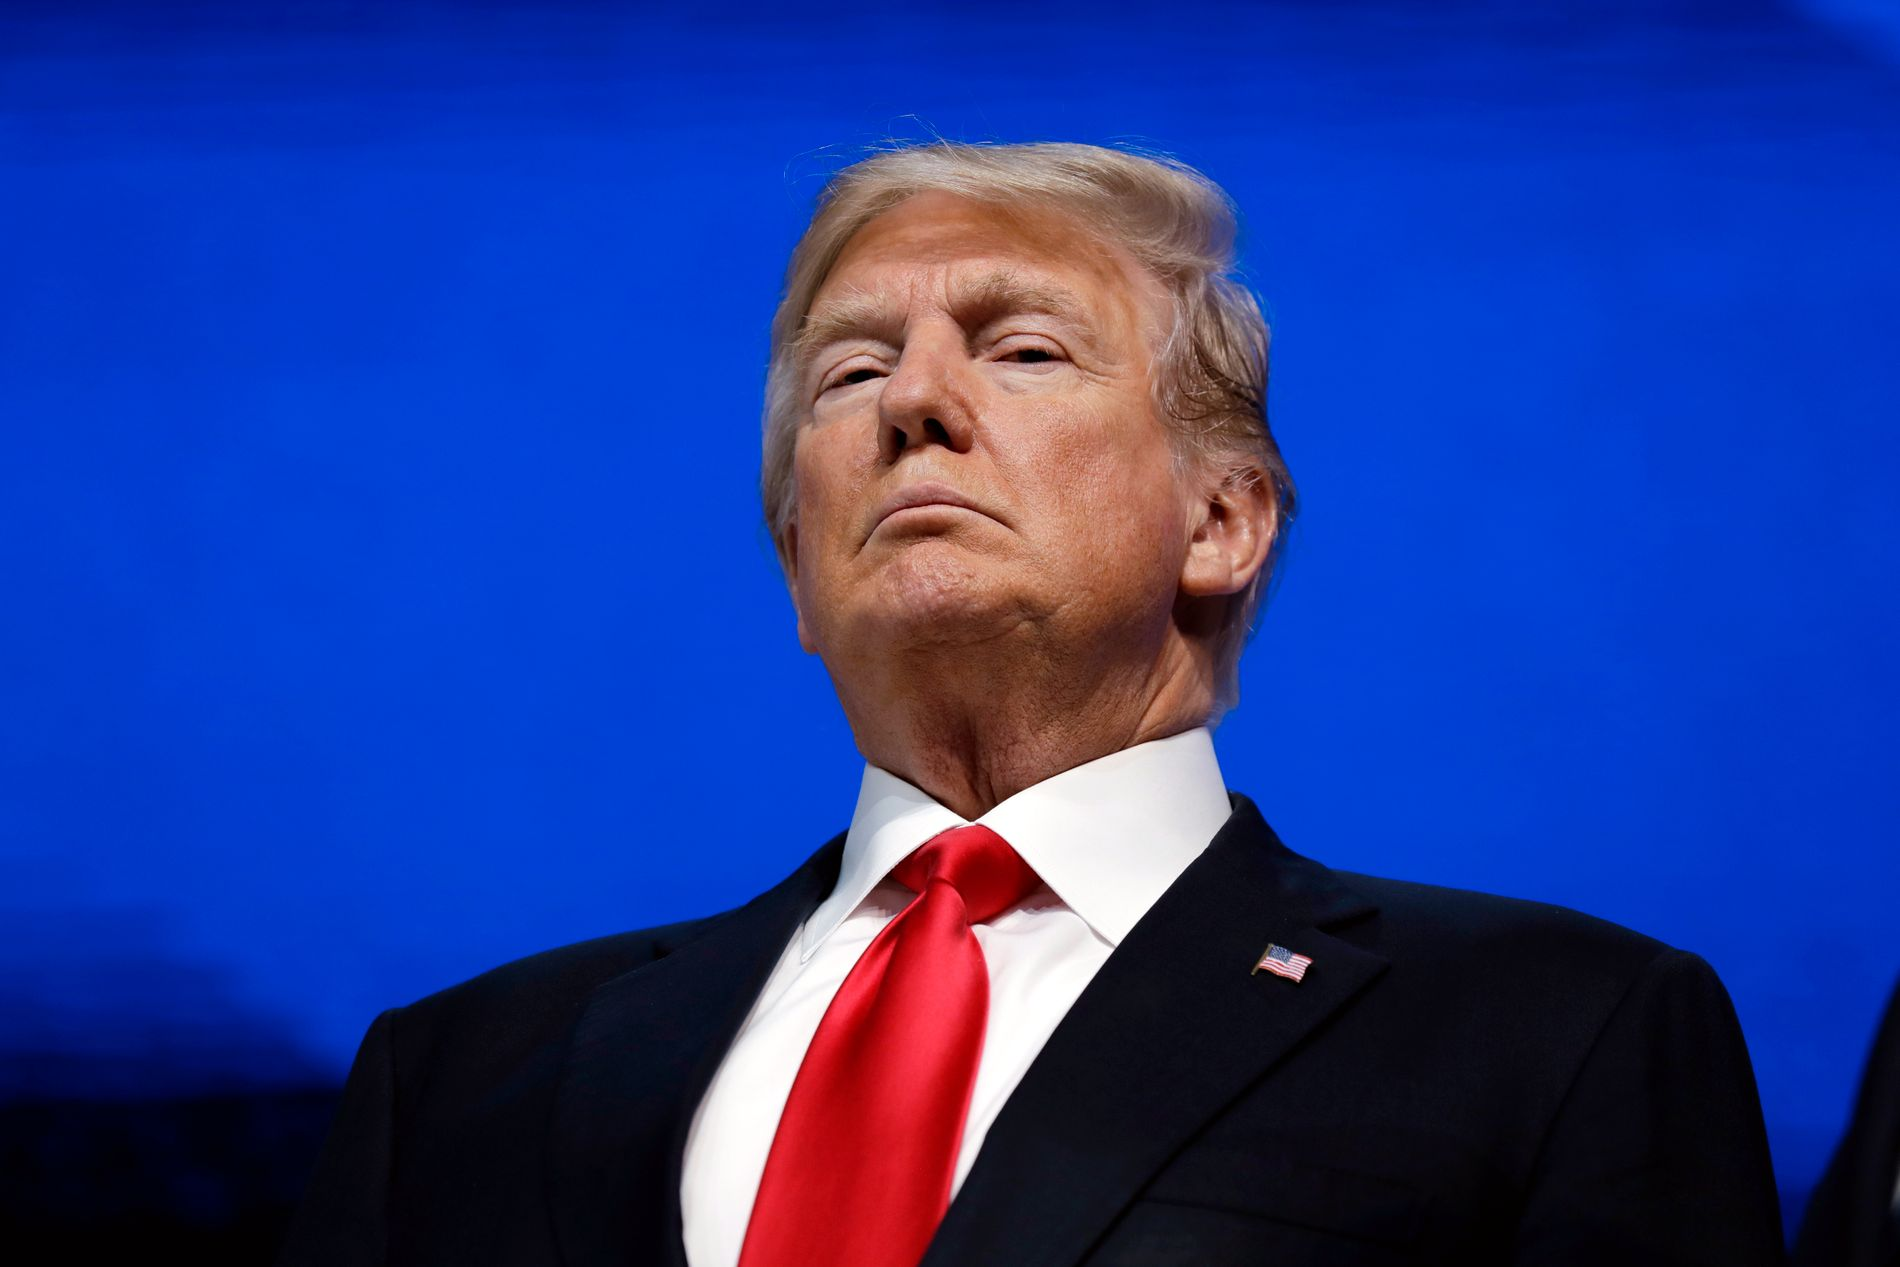 LAGT MERKE TIL: Donald Trump har 47,7 millioner følgere på Twitter, hans foretrukne mediekanal. Lørdag tvitret presidenten om seksuell trakassering. Det ble lagt merke til.